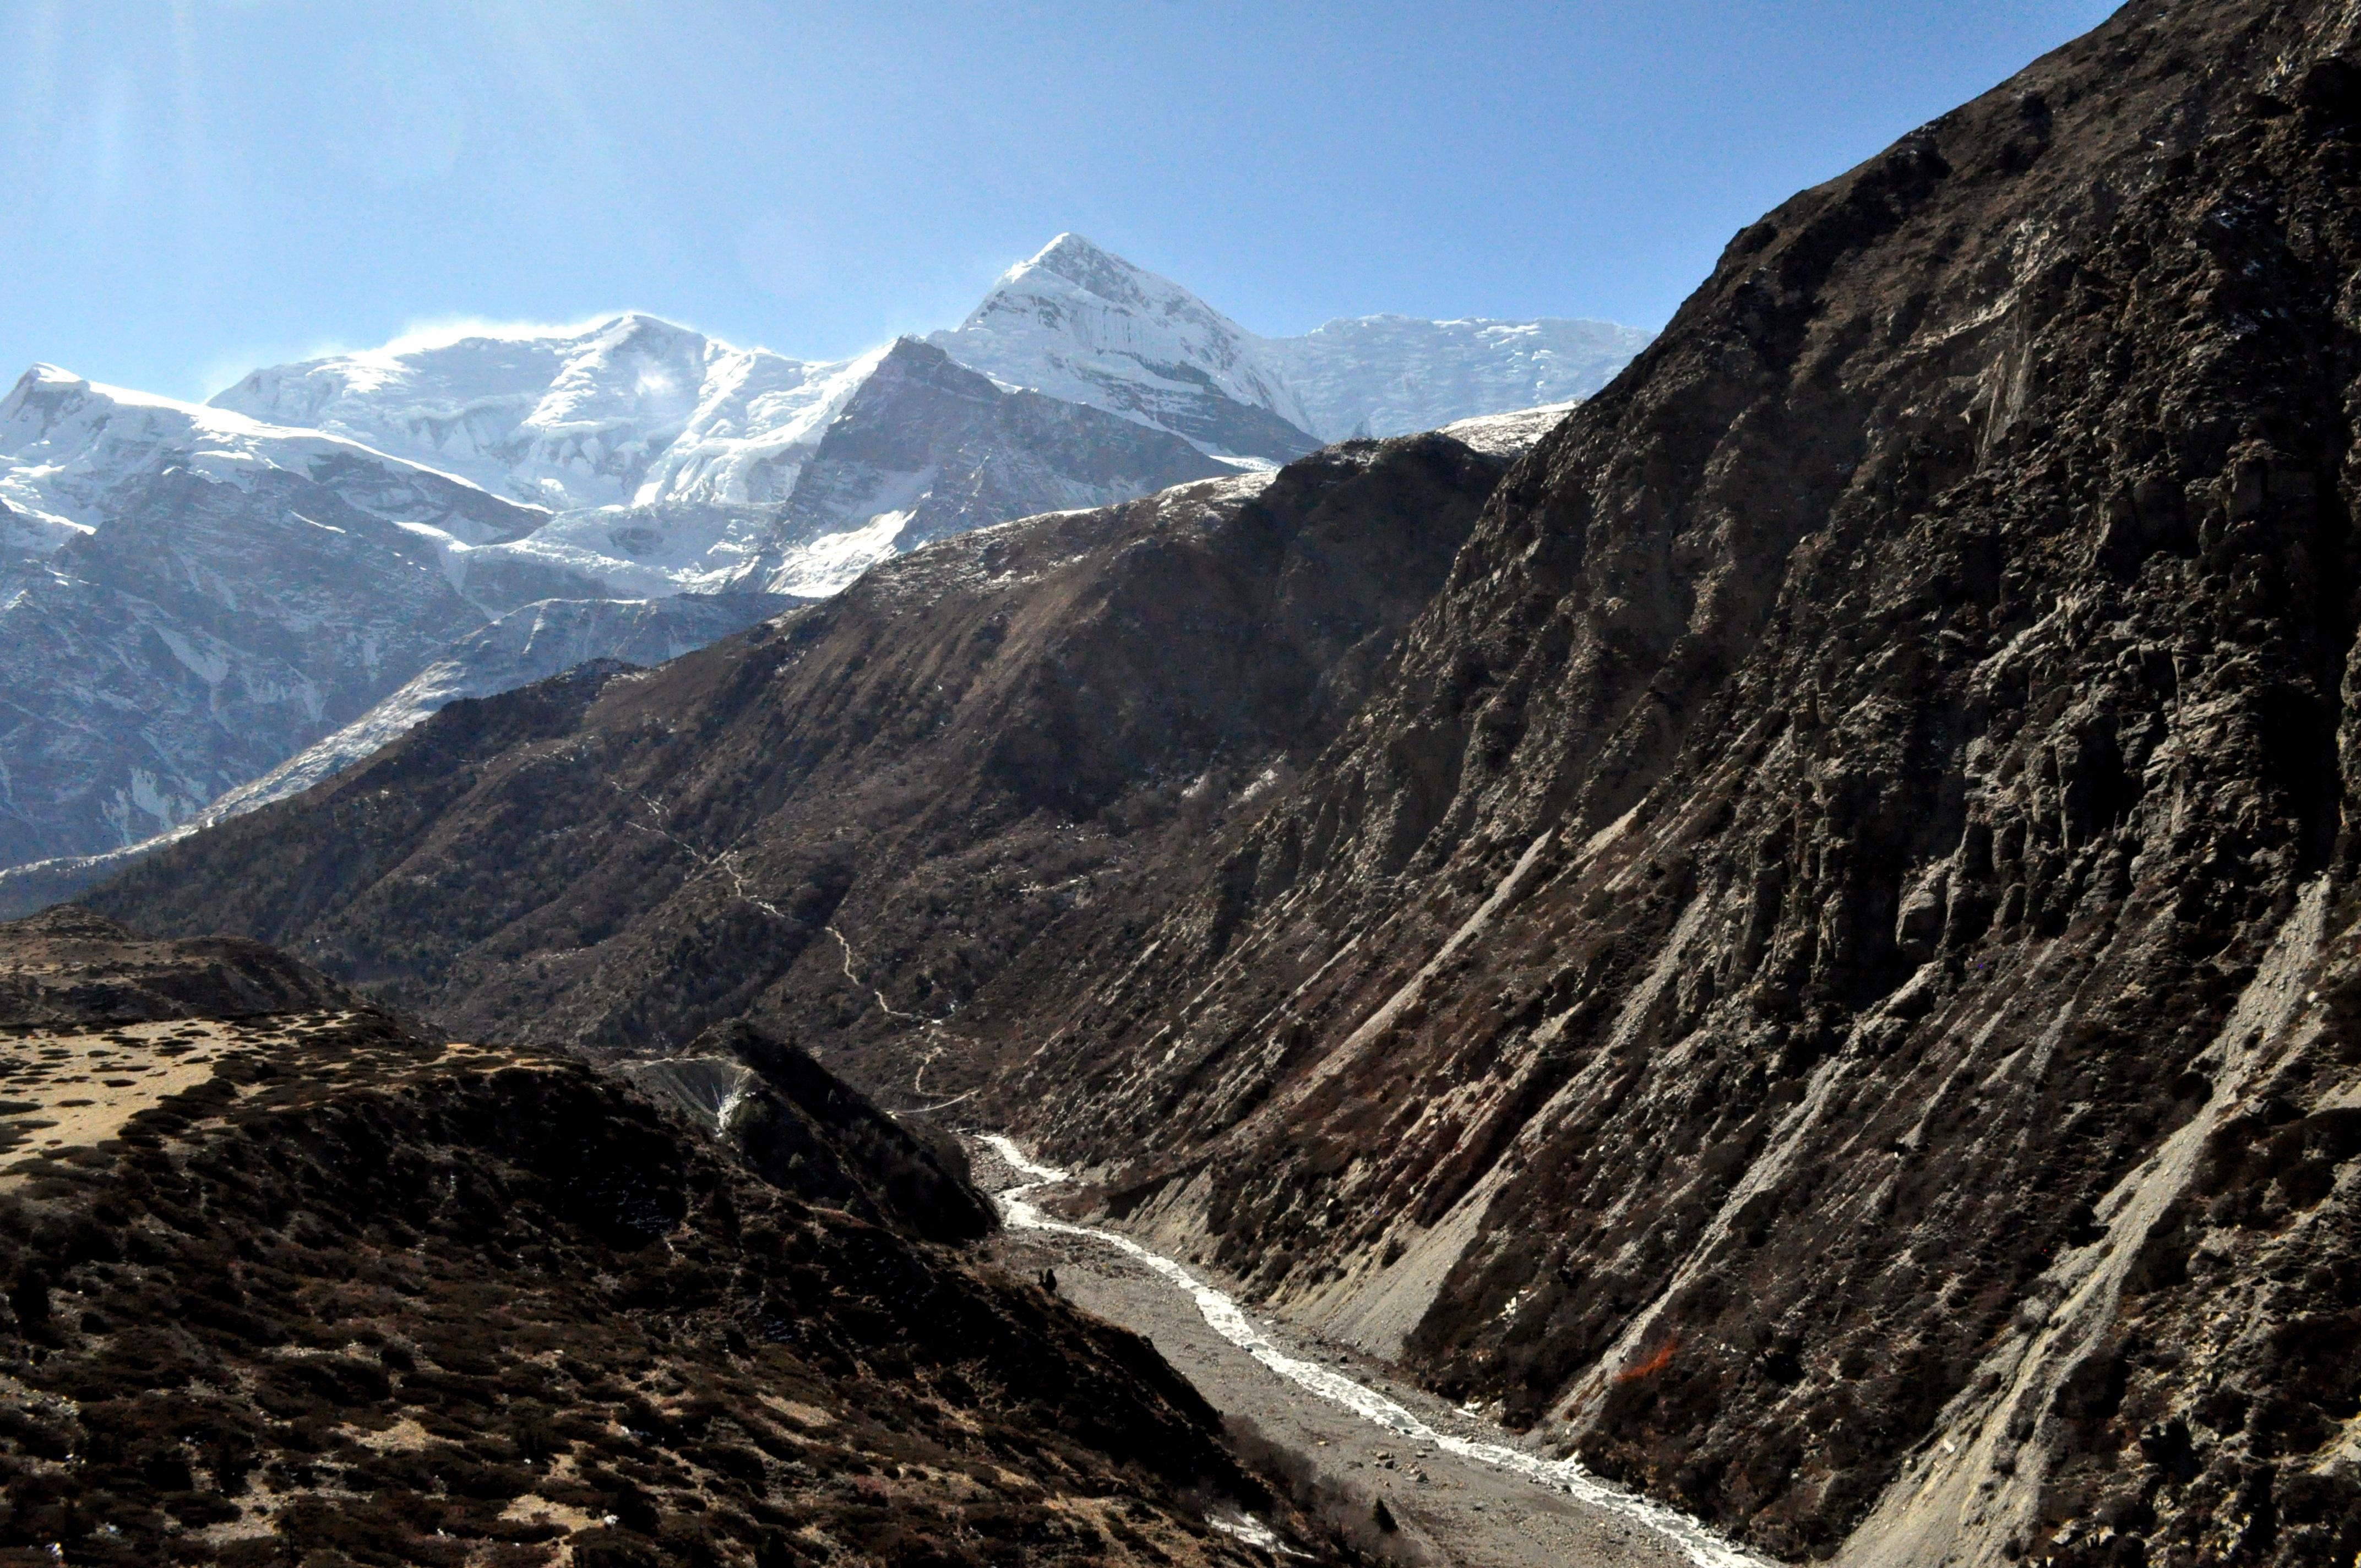 il sole brucia le cime dell'Annapurna Range, la luce è abbagliante